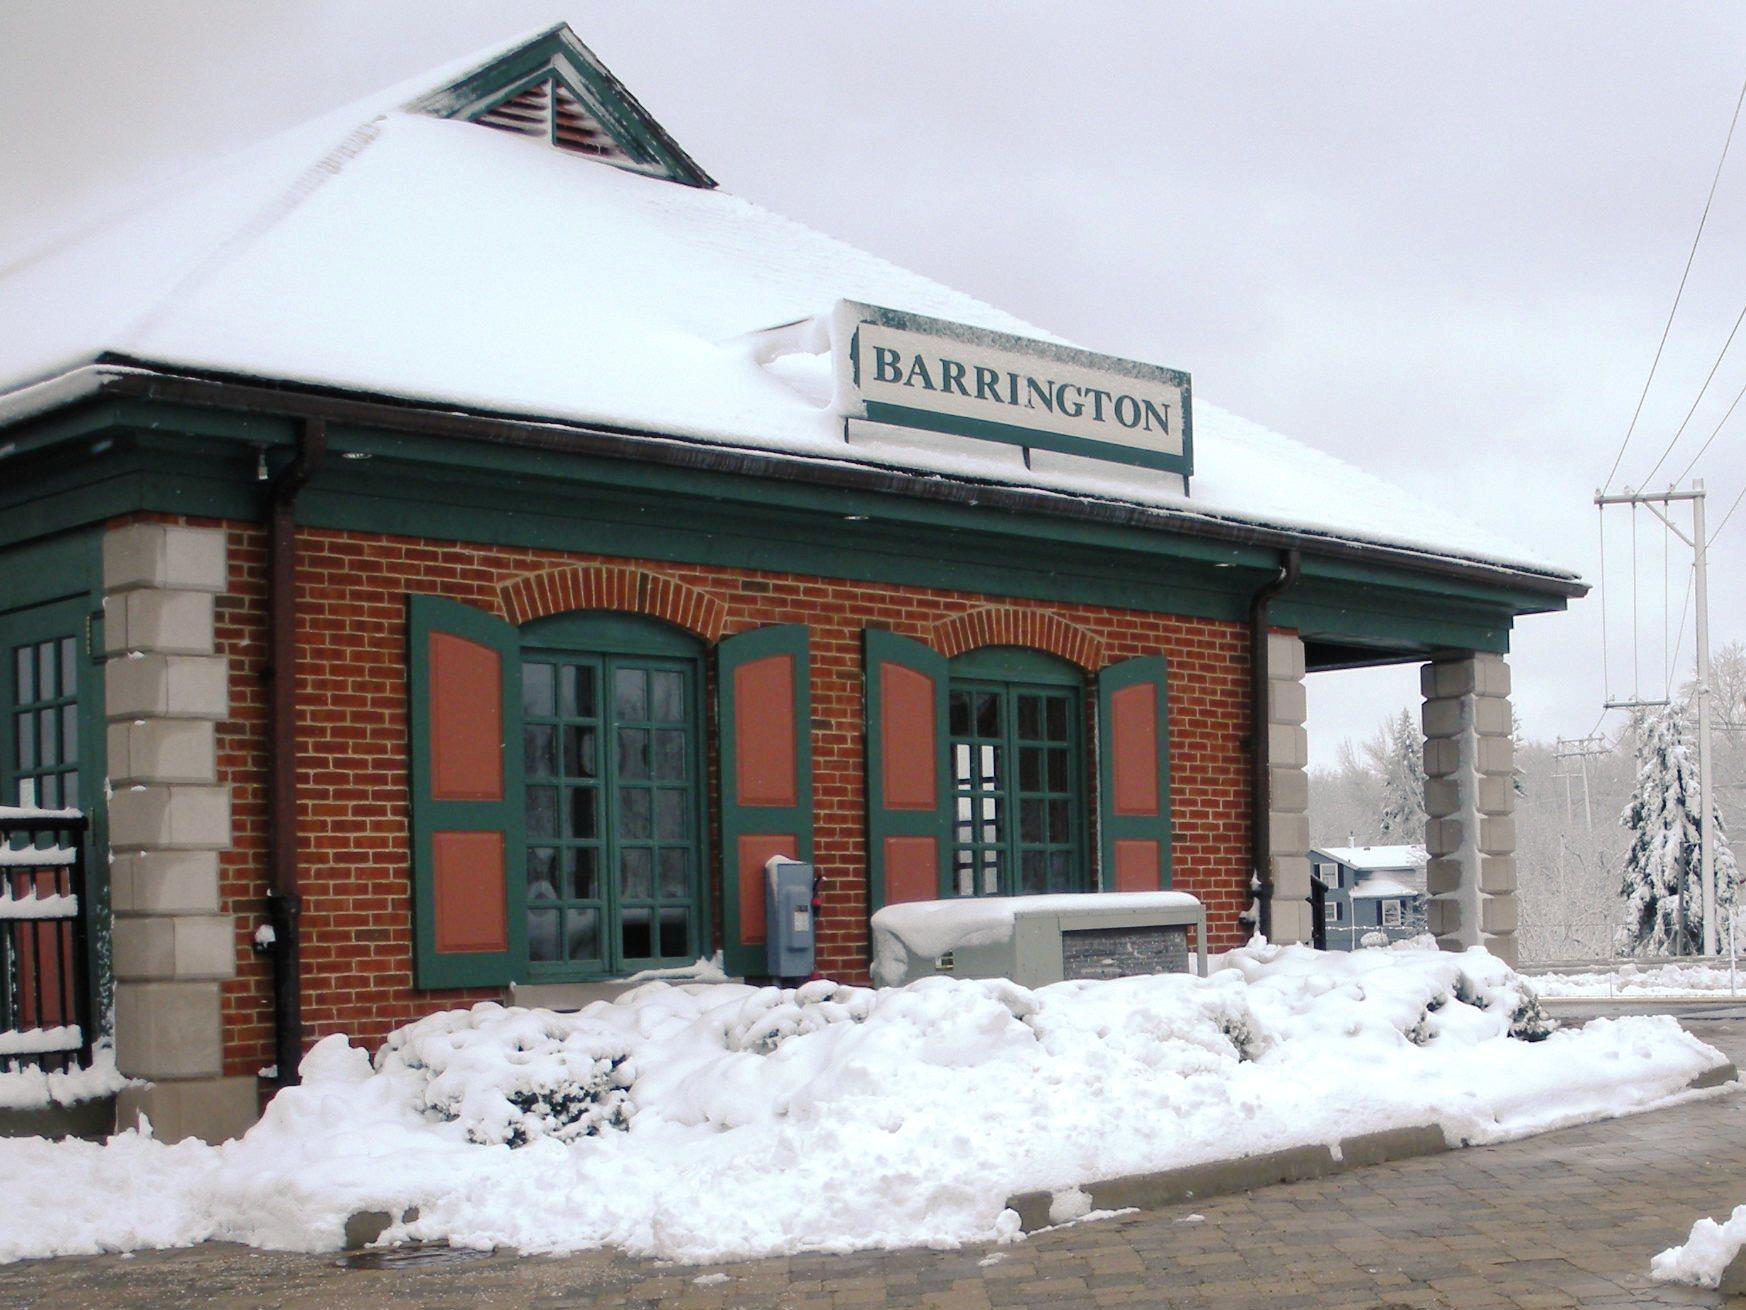 Illinois lake county wauconda - Wauconda Il Picture Barrington Il Train Station Jpg